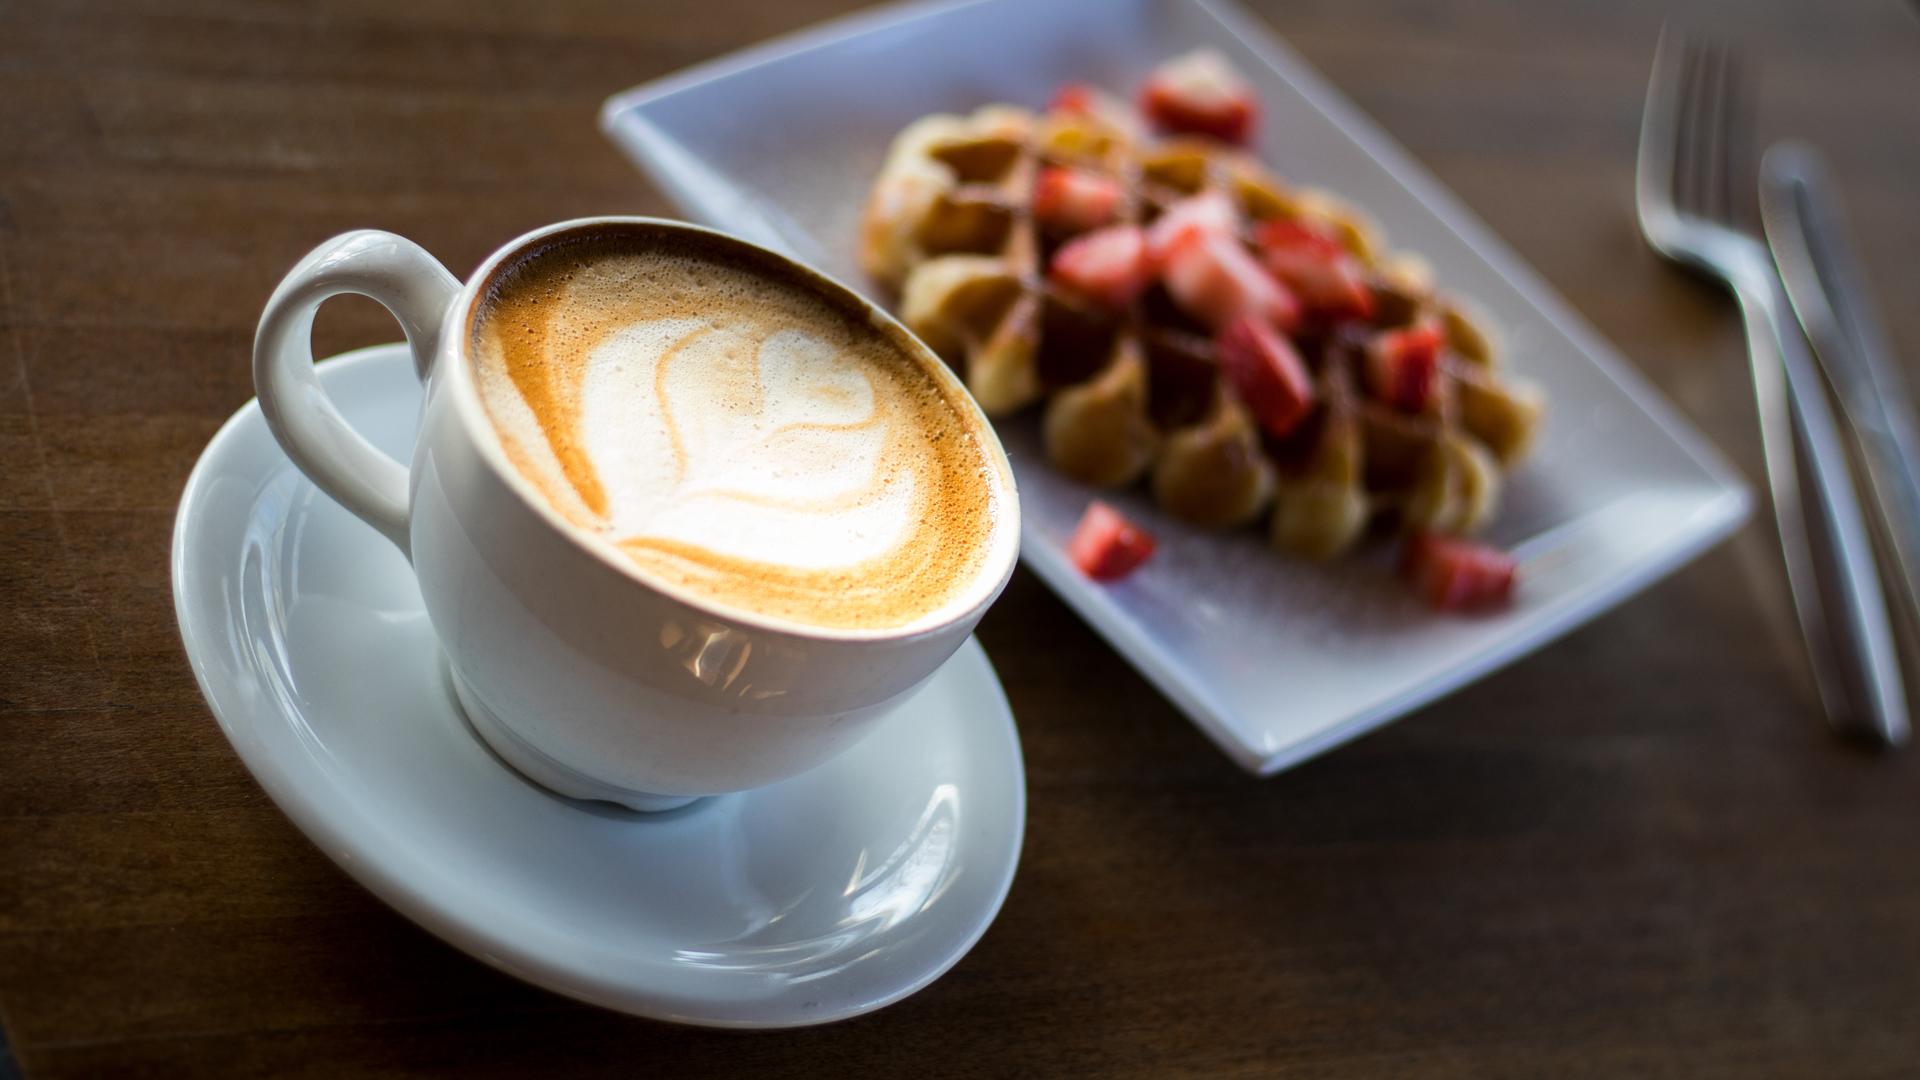 Eine Tasse Cappuccino und Waffel auf einem Teller